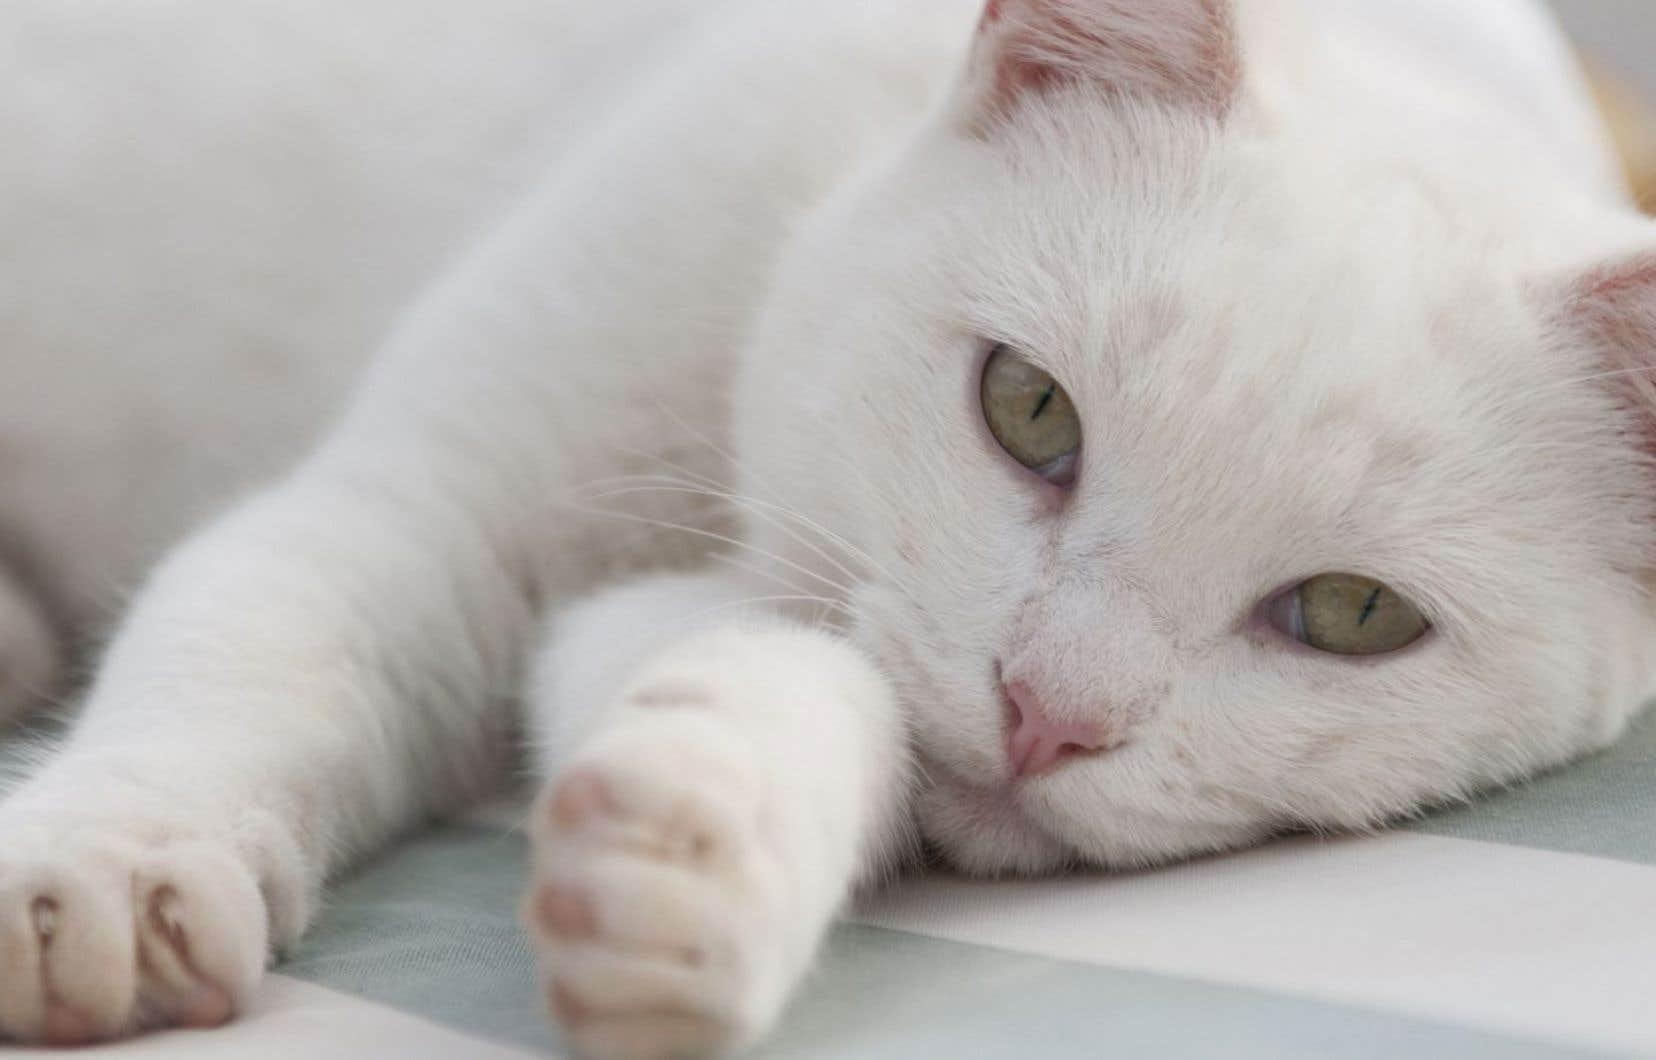 «La biographie complète et définitive de Byeli, matou du Nebraska» raconte le destin d'un chat tout blanc trouvé par l'auteur.